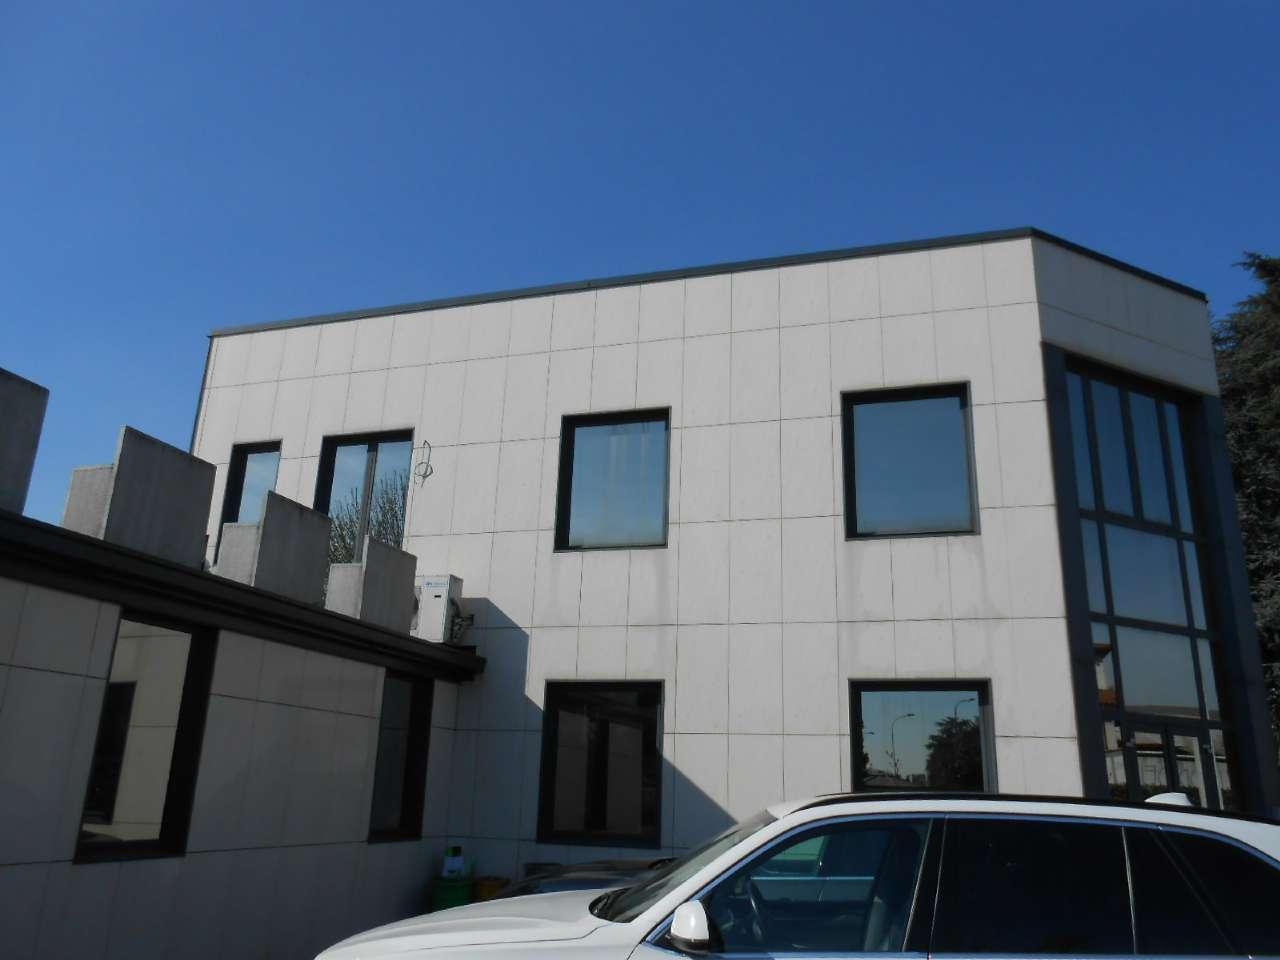 Ufficio / Studio in affitto a Madignano, 6 locali, prezzo € 3.160 | PortaleAgenzieImmobiliari.it